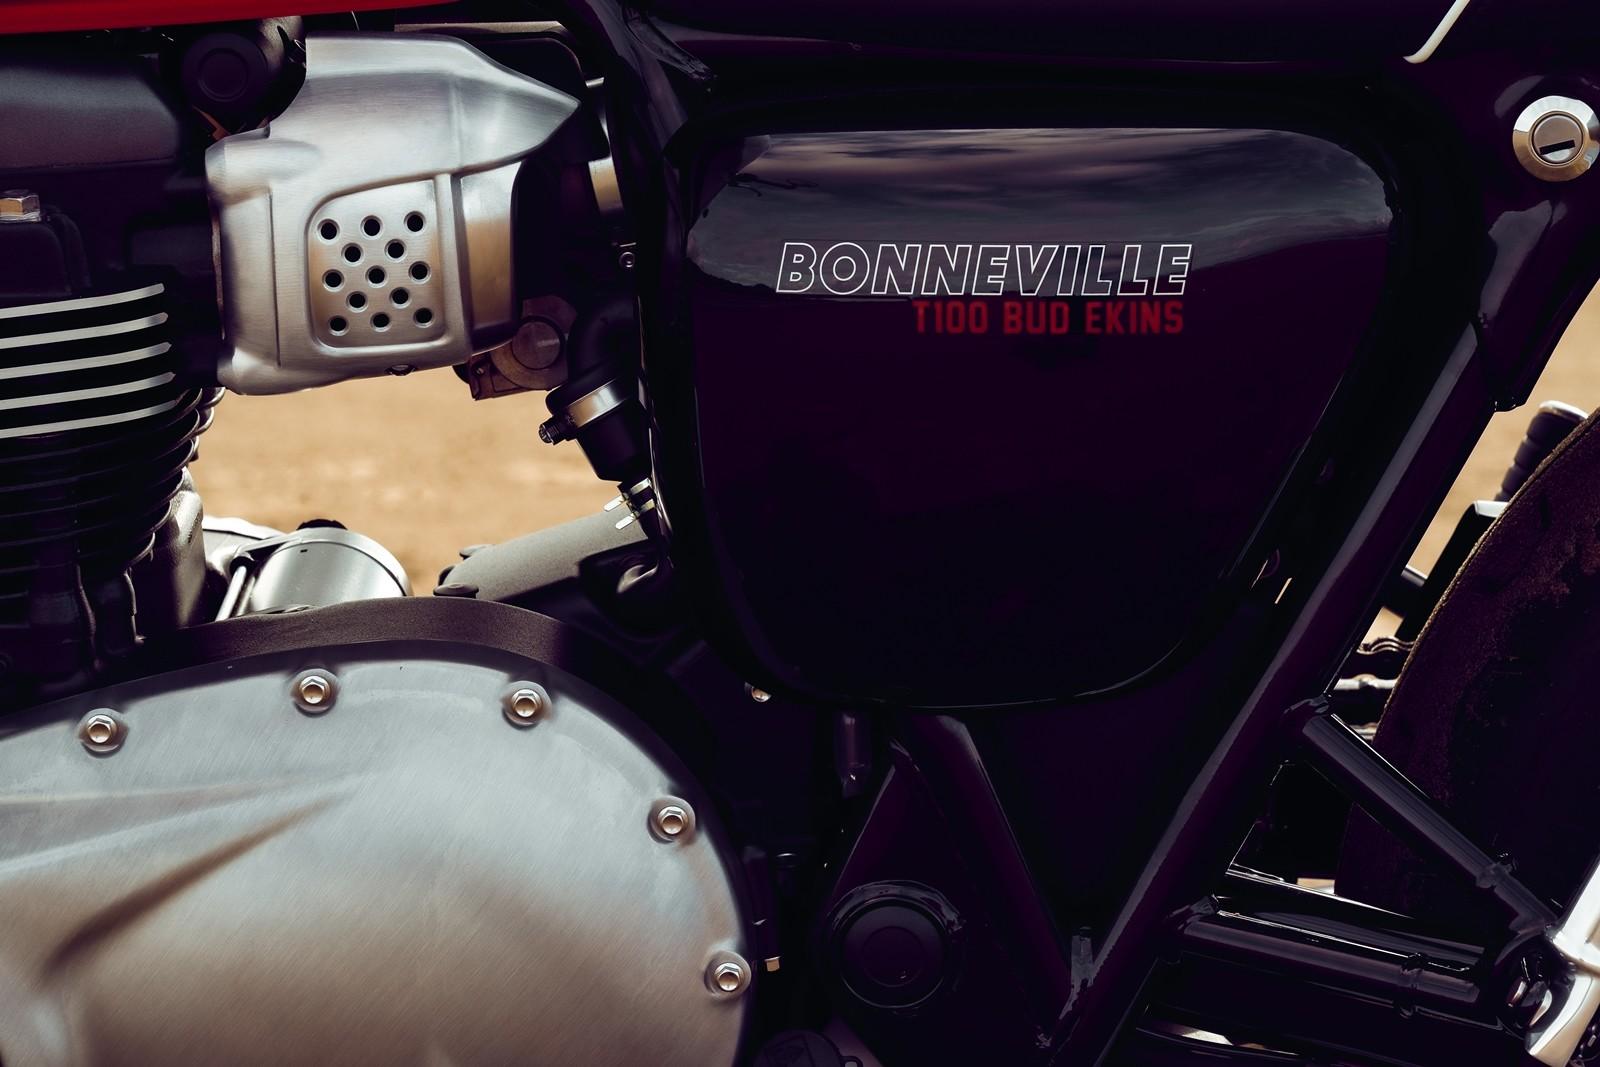 Foto de Triumph Bonneville T100 Bud Ekins 2020 (23/23)